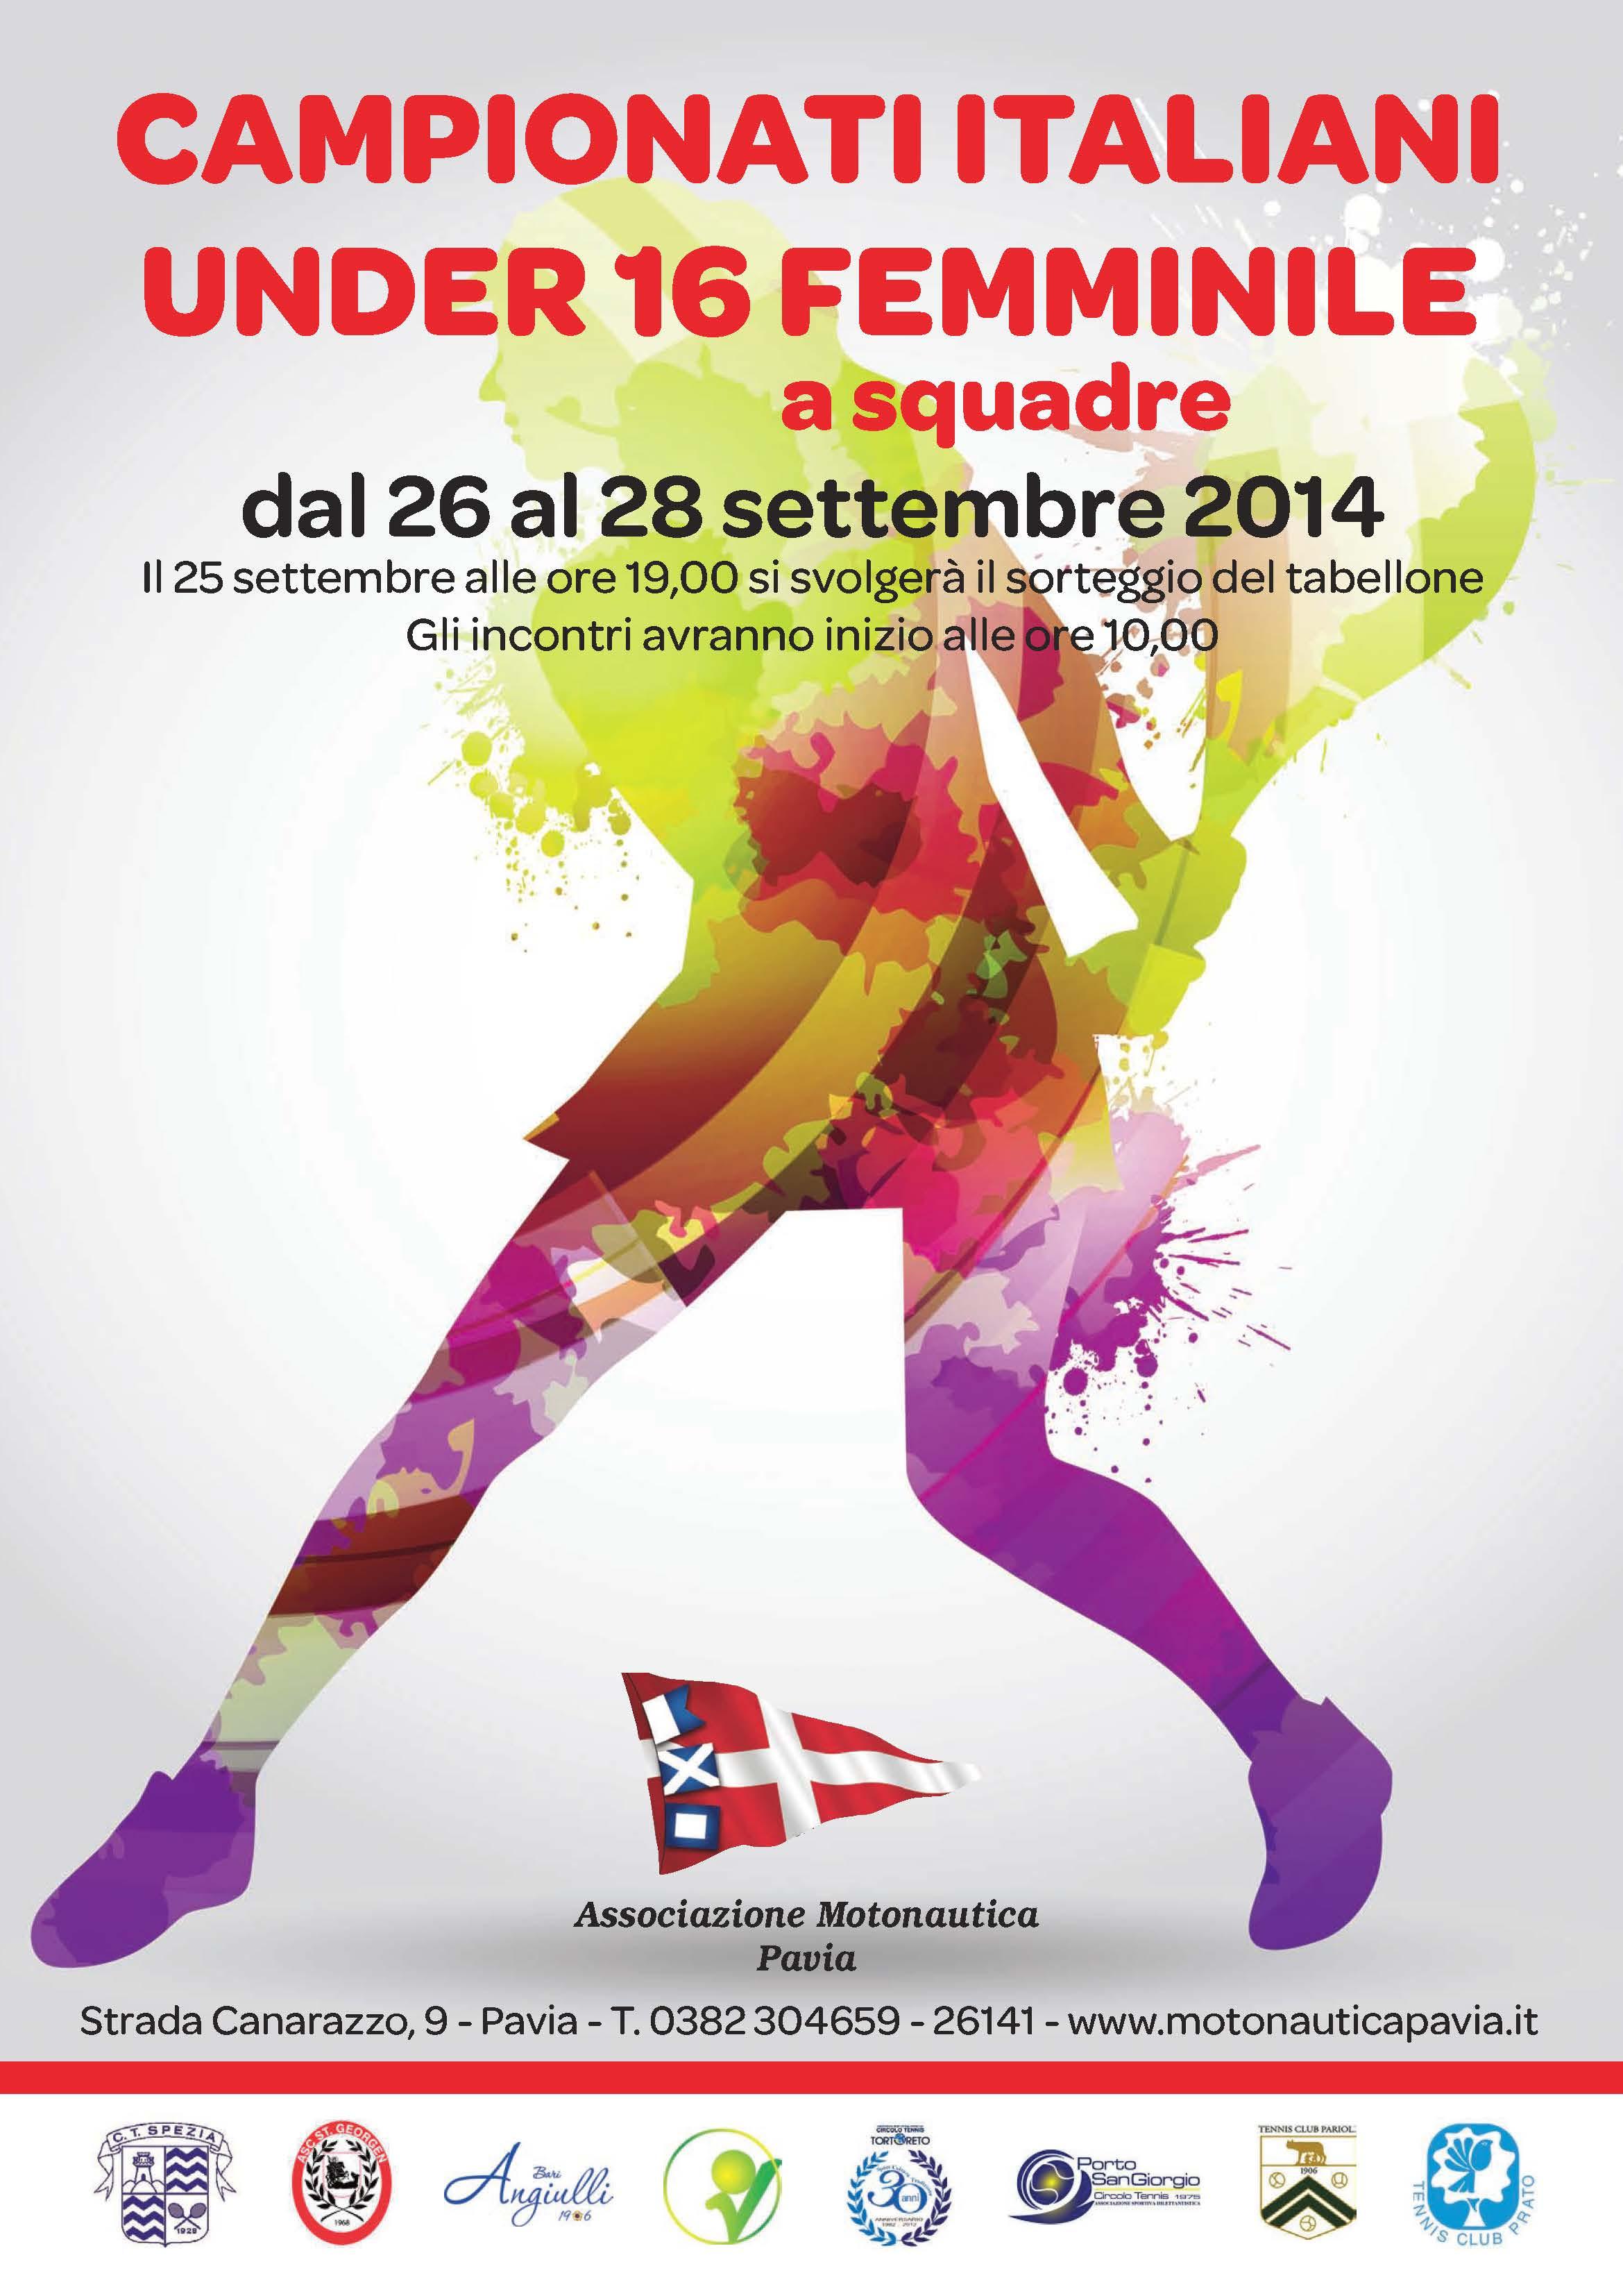 Campionati Italiani Under 16 Femminile a Squadre 2014